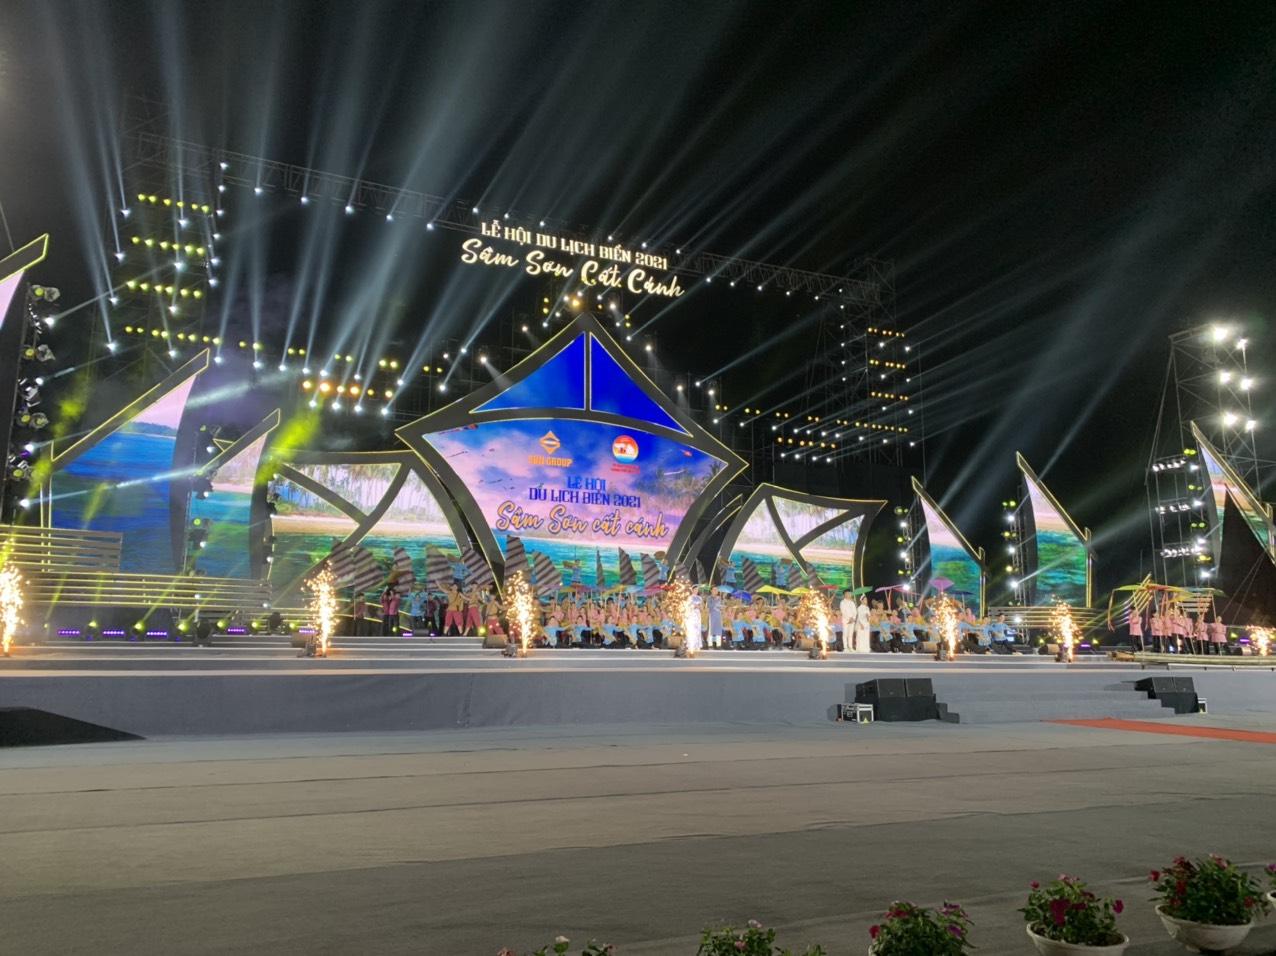 Thanh Hóa mở màn mùa du lịch hè với Lễ hội du lịch biển Sầm Sơn 2021